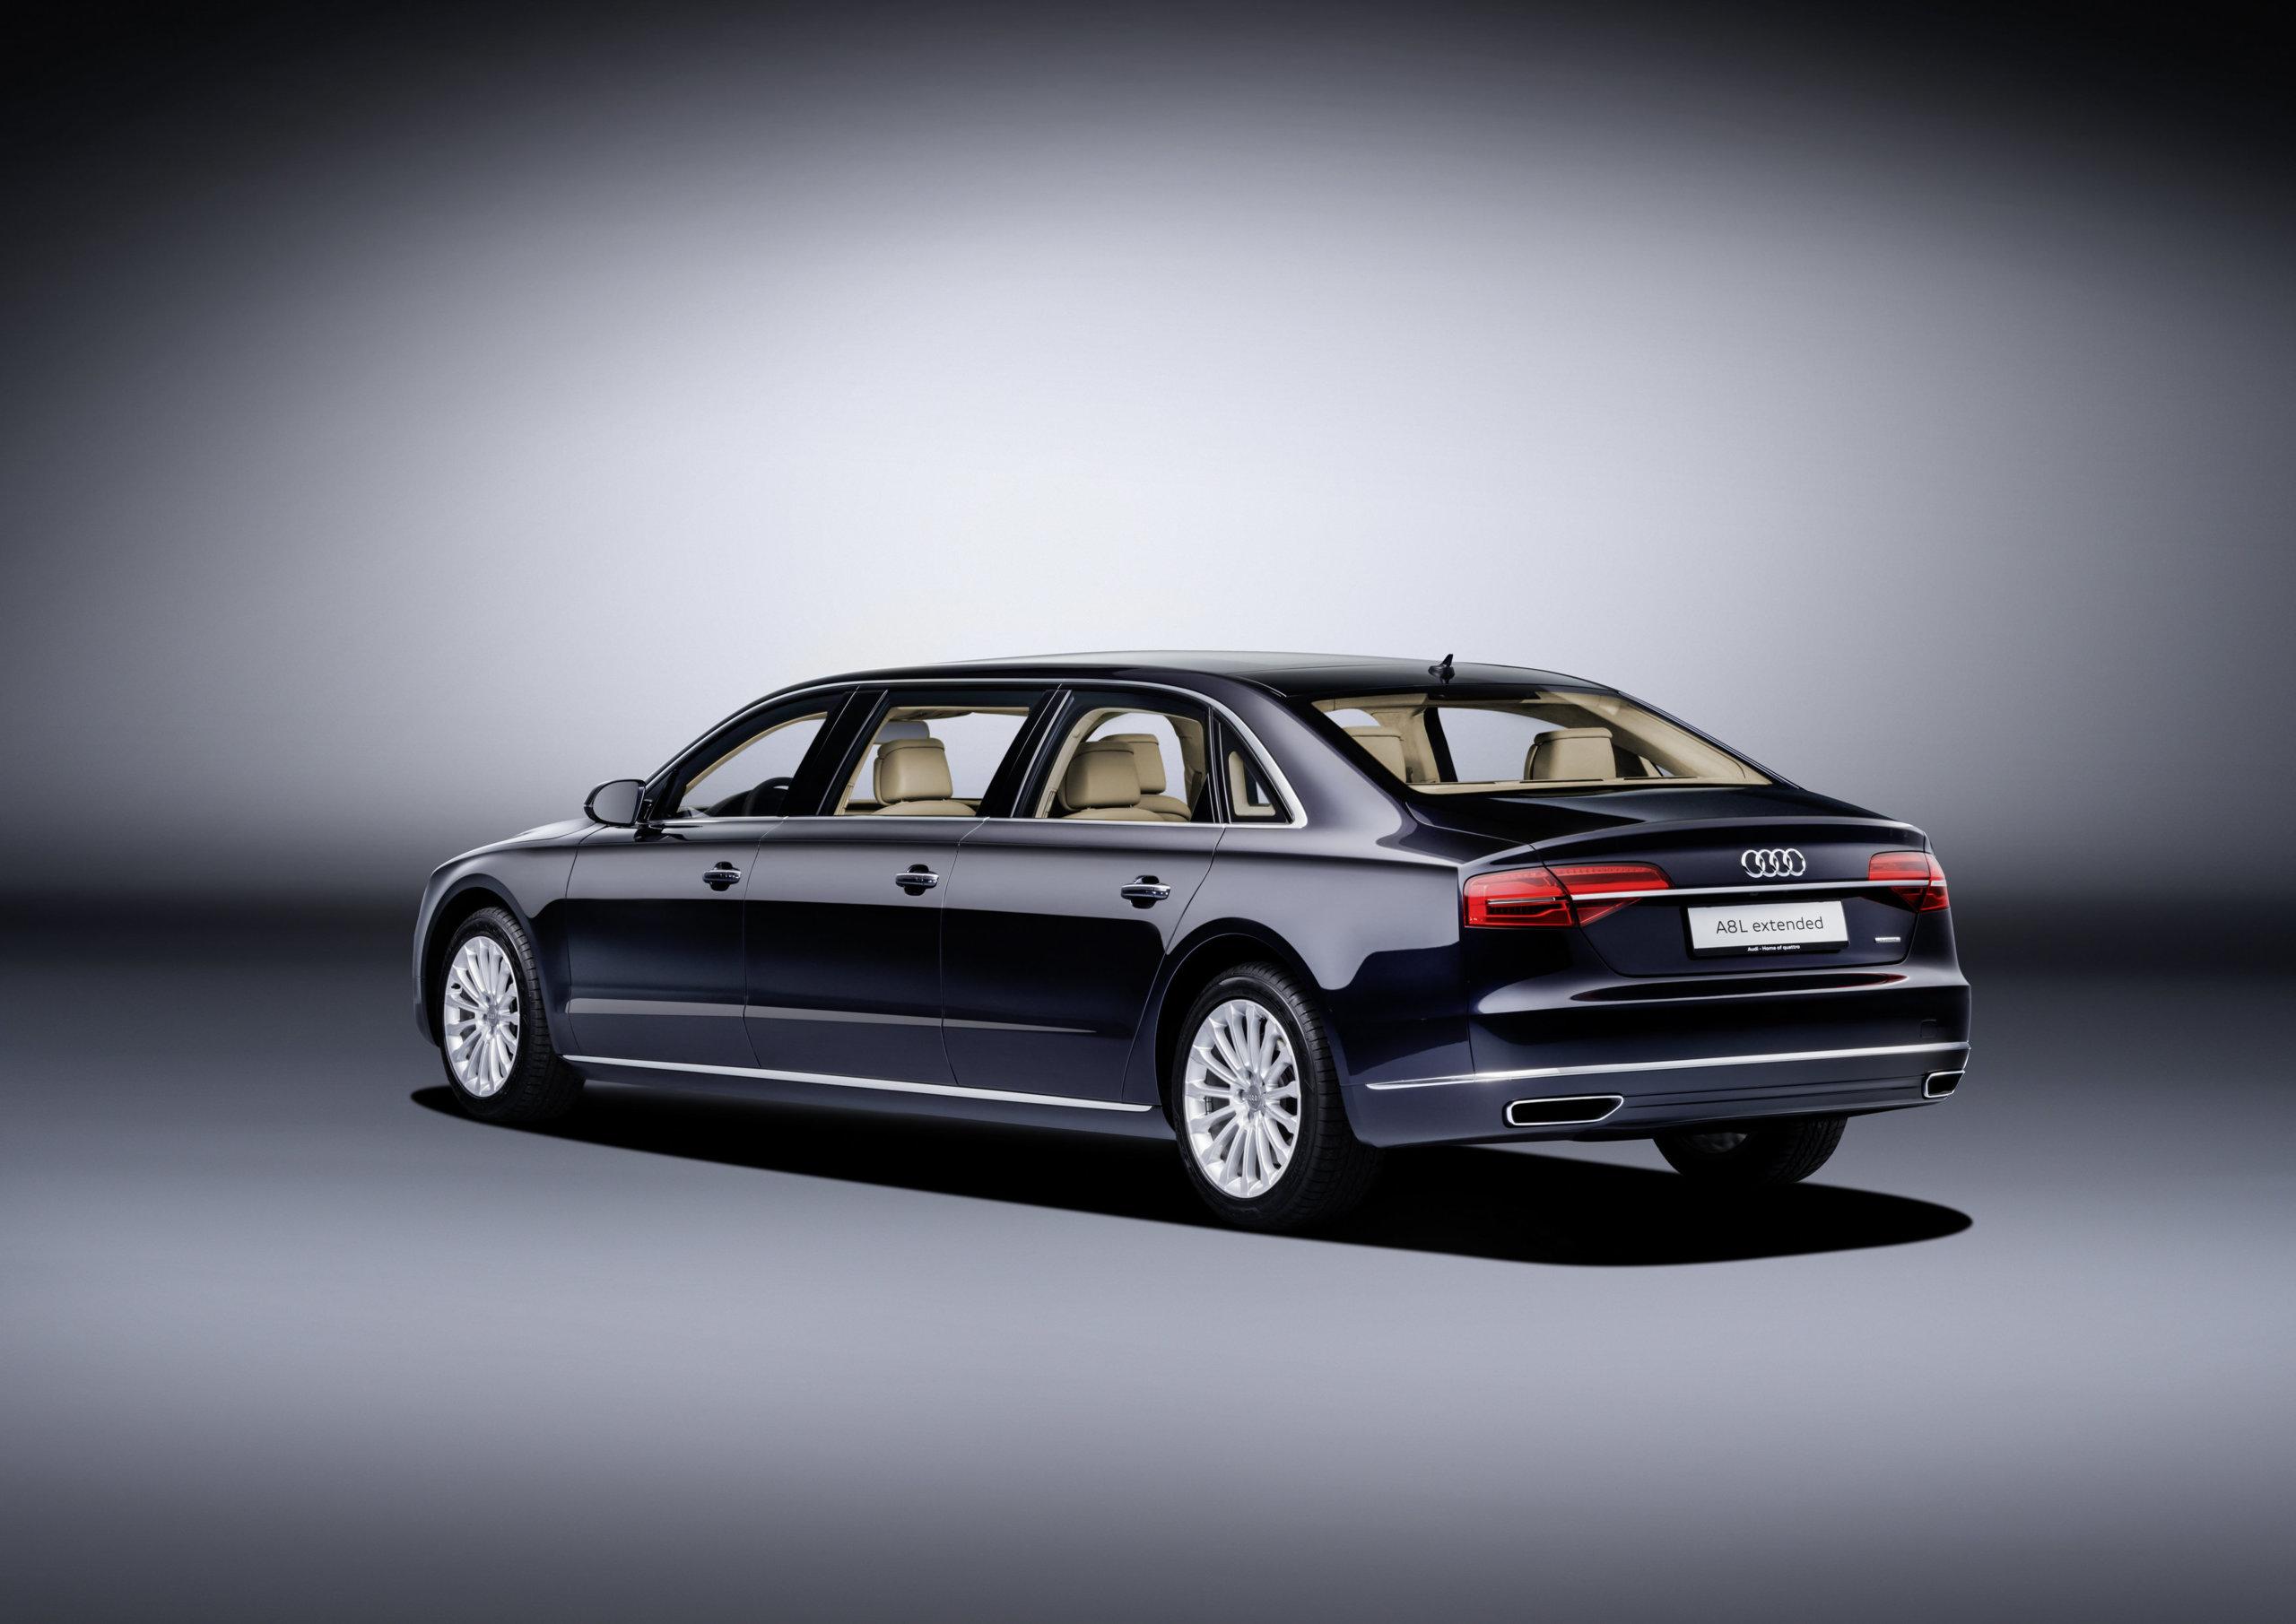 Foto de Audi A8 L extended (5/12)